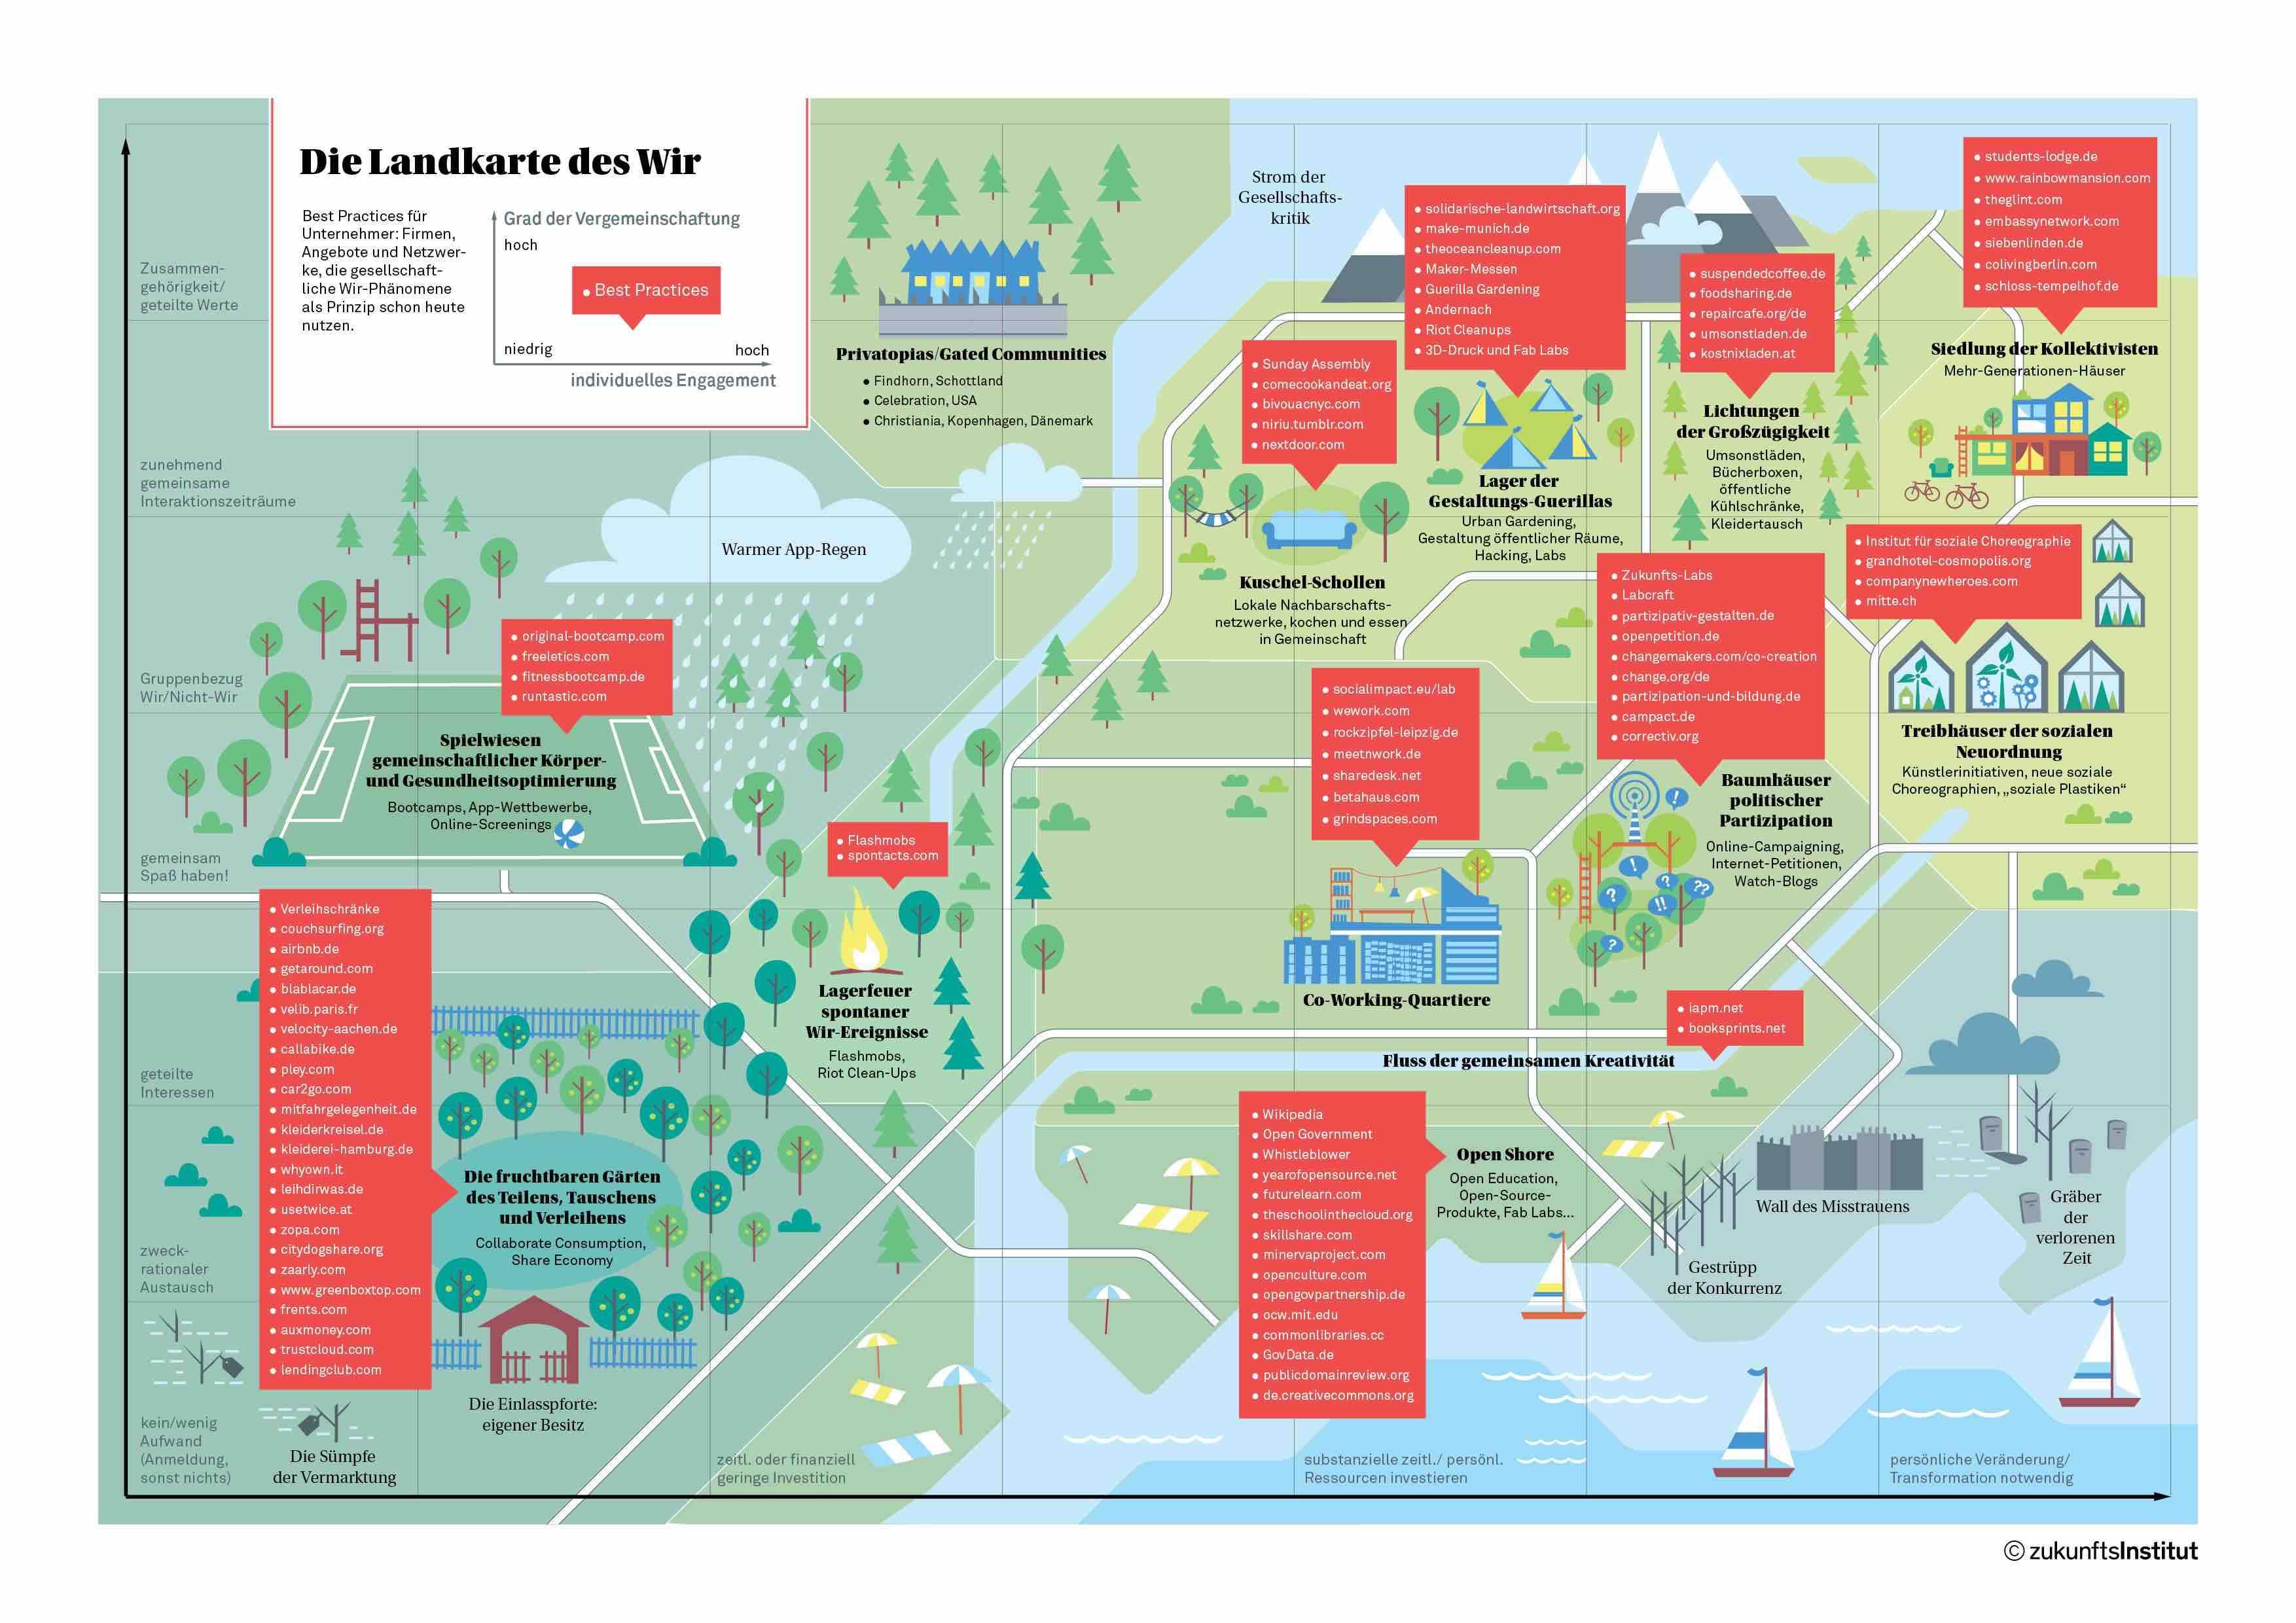 landkarten des lebens Die Landkarte des Wir [Infografik] landkarten des lebens